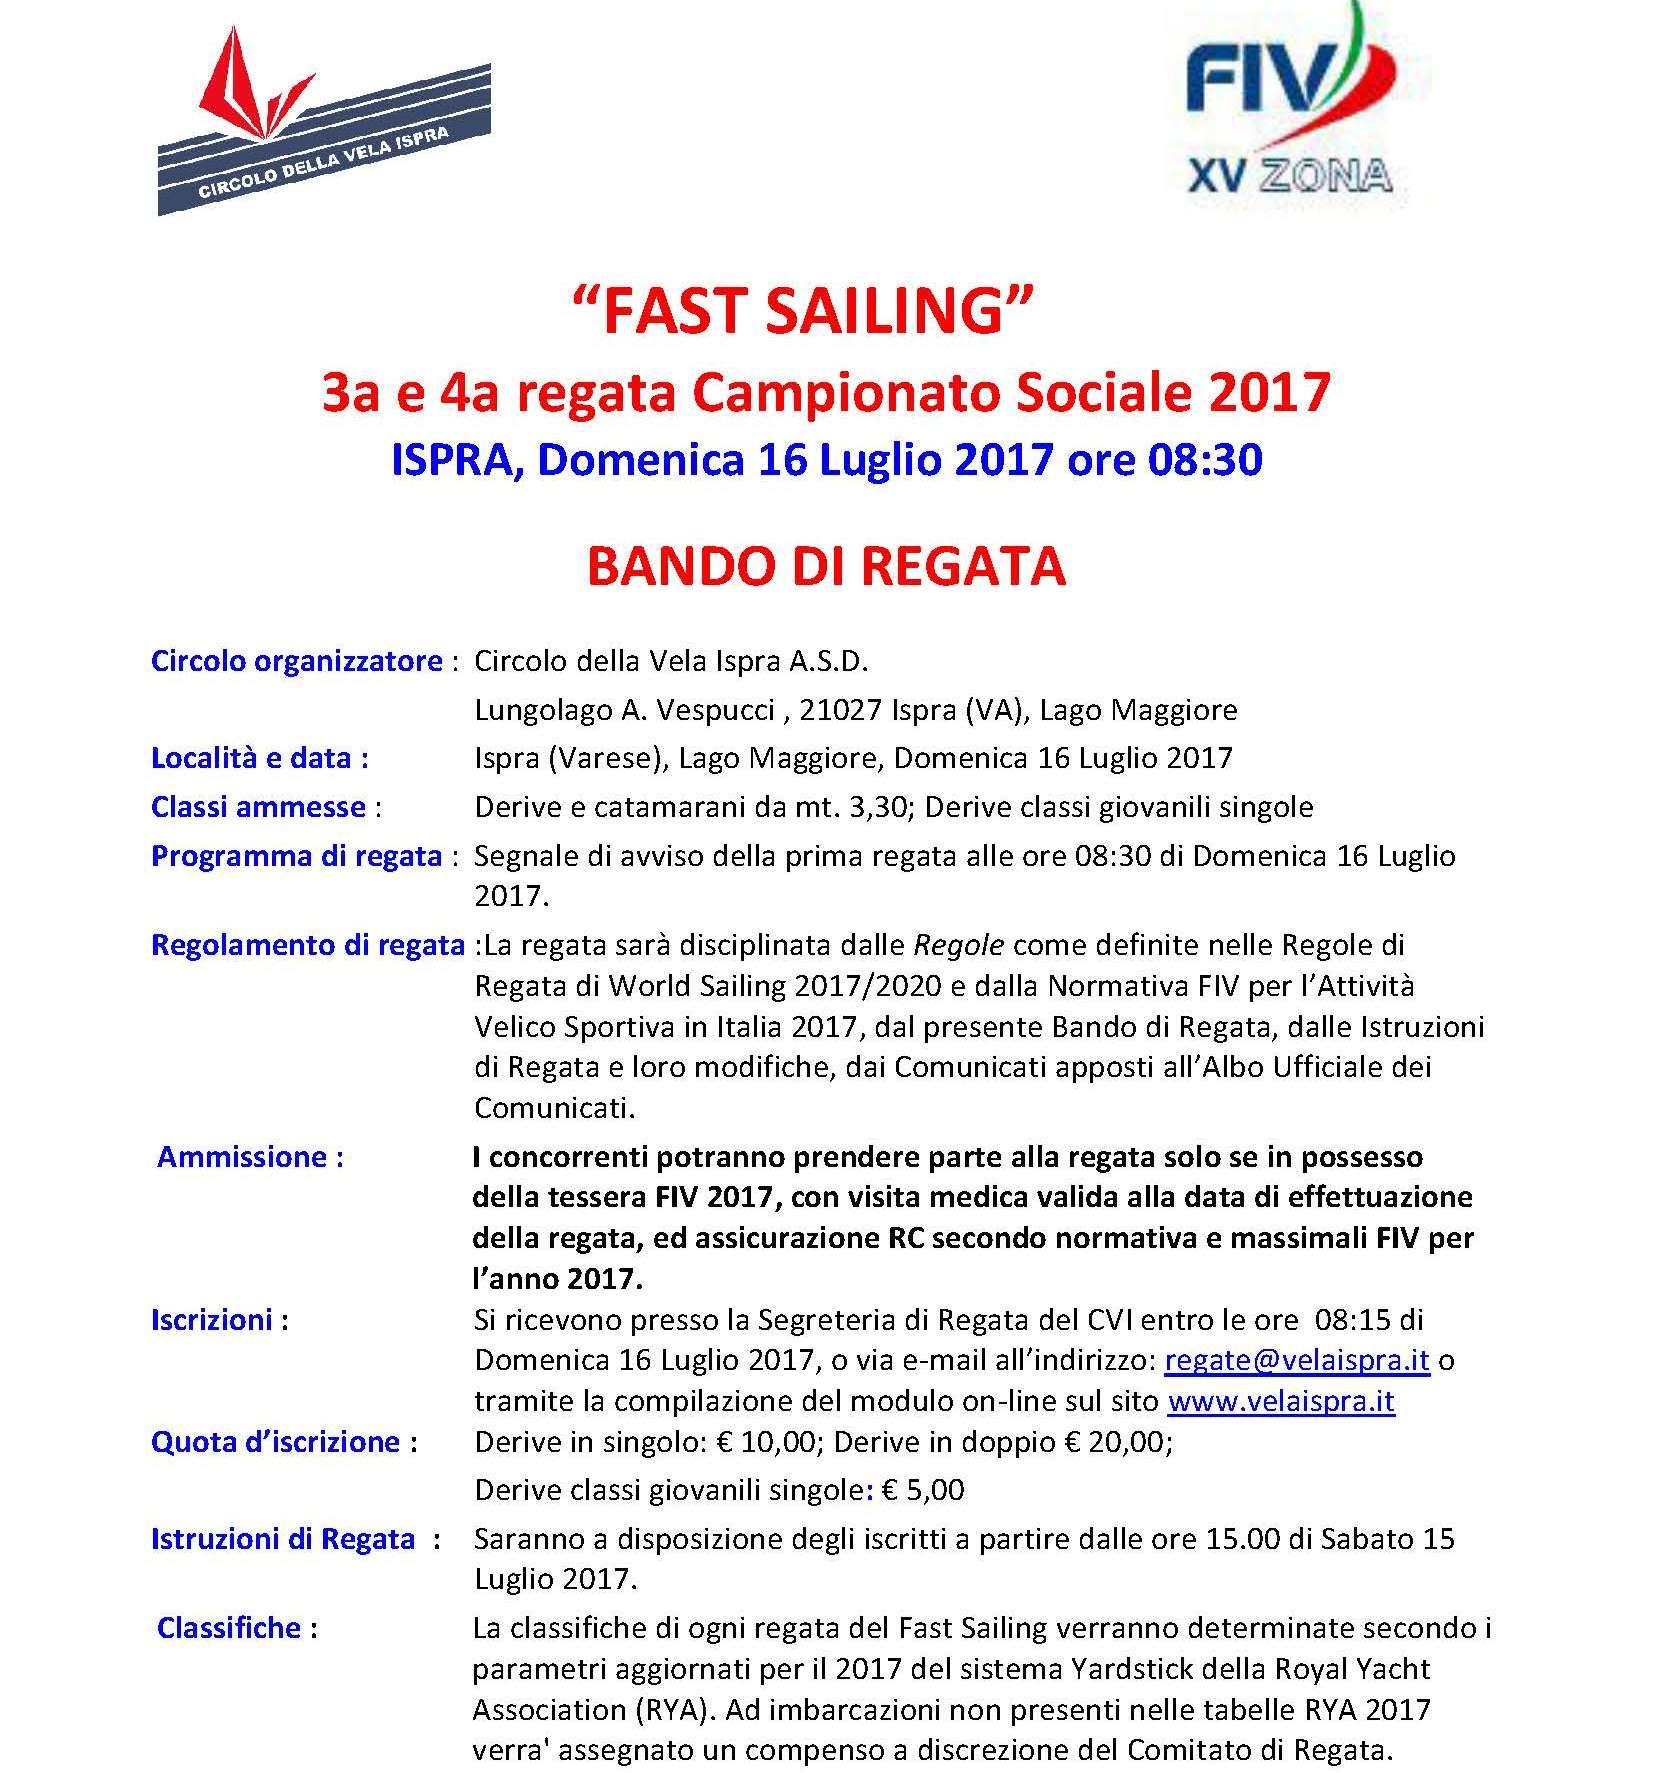 Bando FS 160717